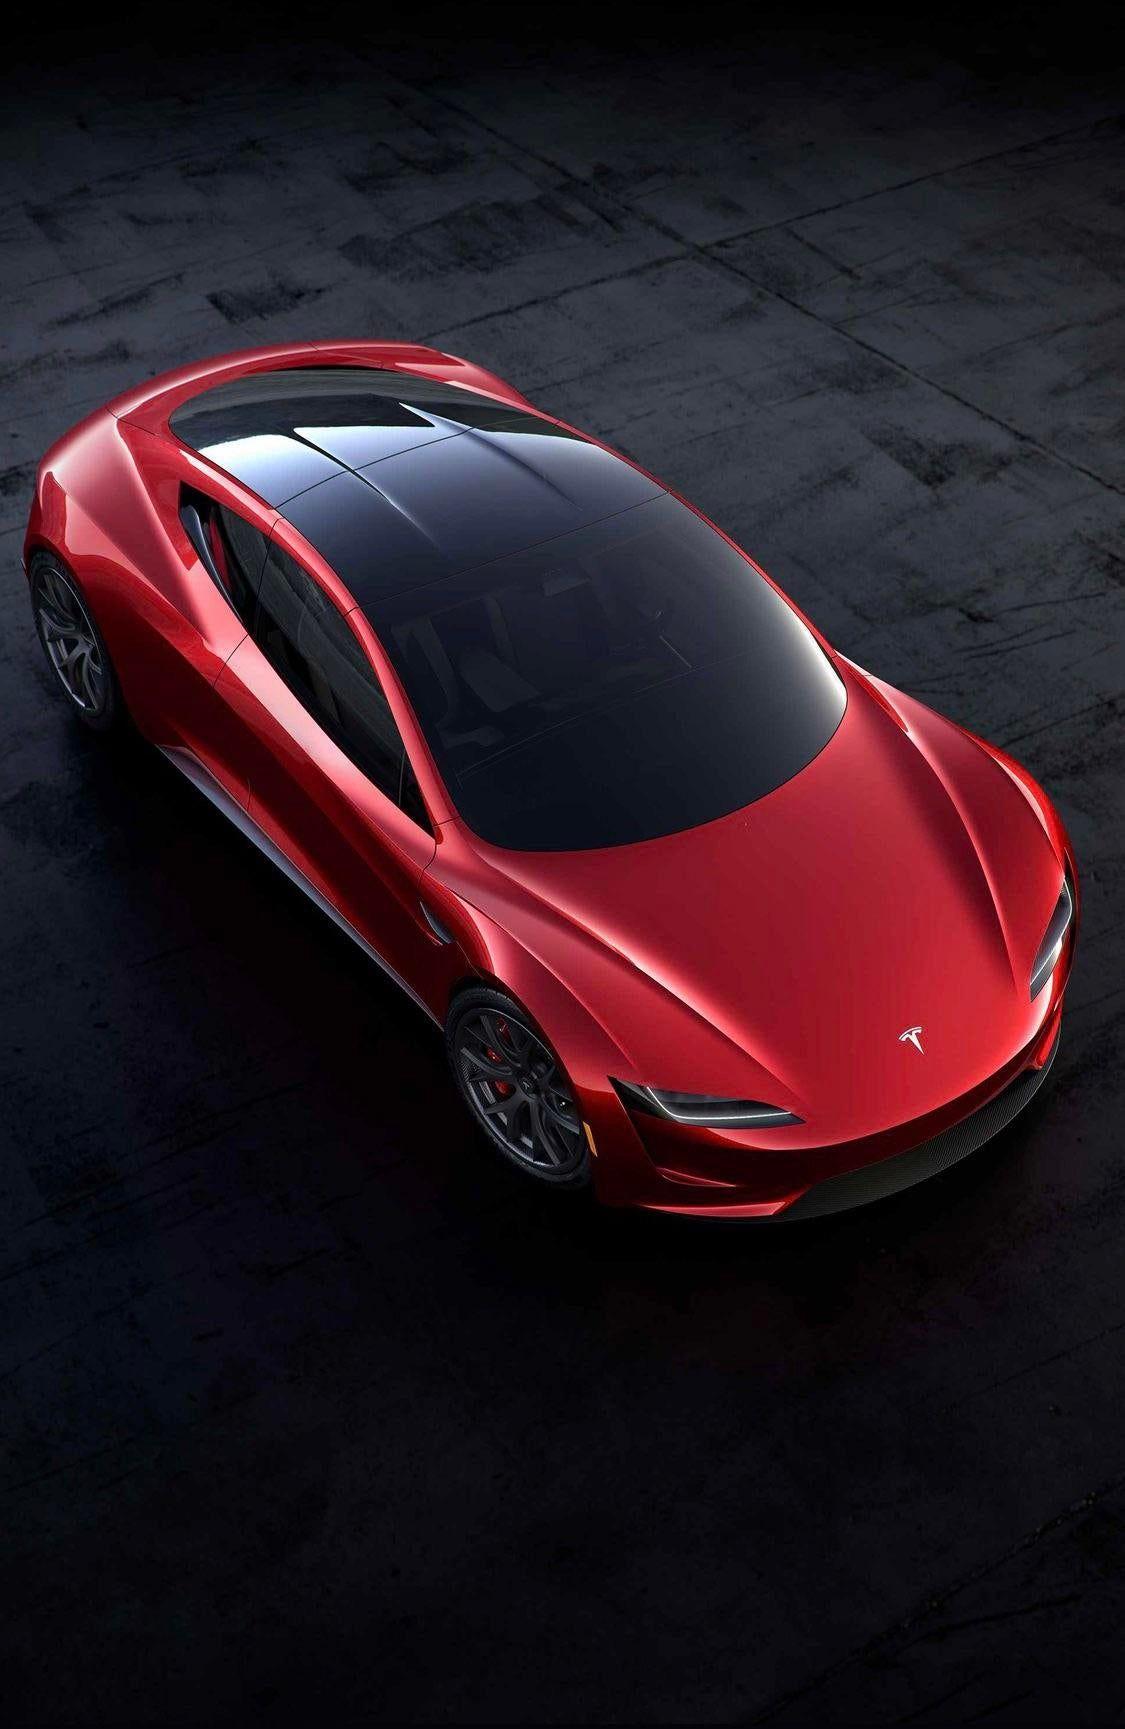 iPhone X Wallpaper Tesla Roadster Wallpaper in 2020